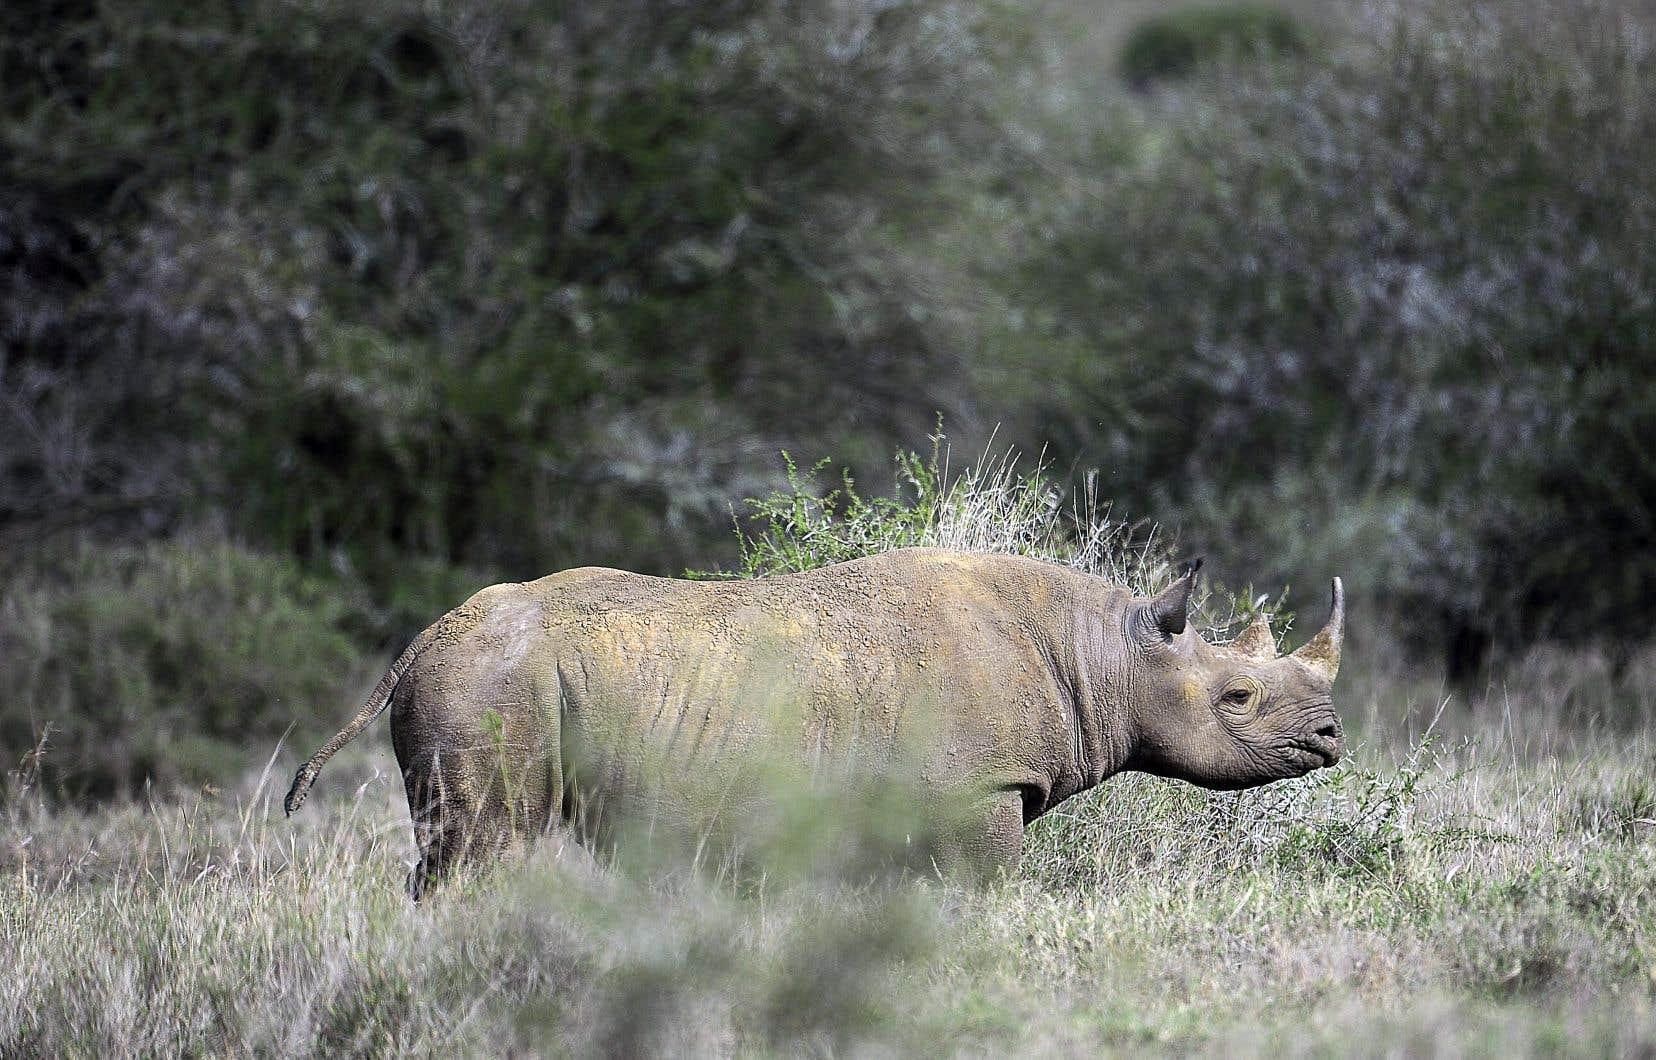 Un grand nombre d'espèces sont convoitées par les chasseurs, dont les éléphants, les rhinocéros noirs (sur la photo) et blancs, les girafes, les crocodiles, les perroquets gris, les guépards, mais aussi les primates, comme les chimpanzés.